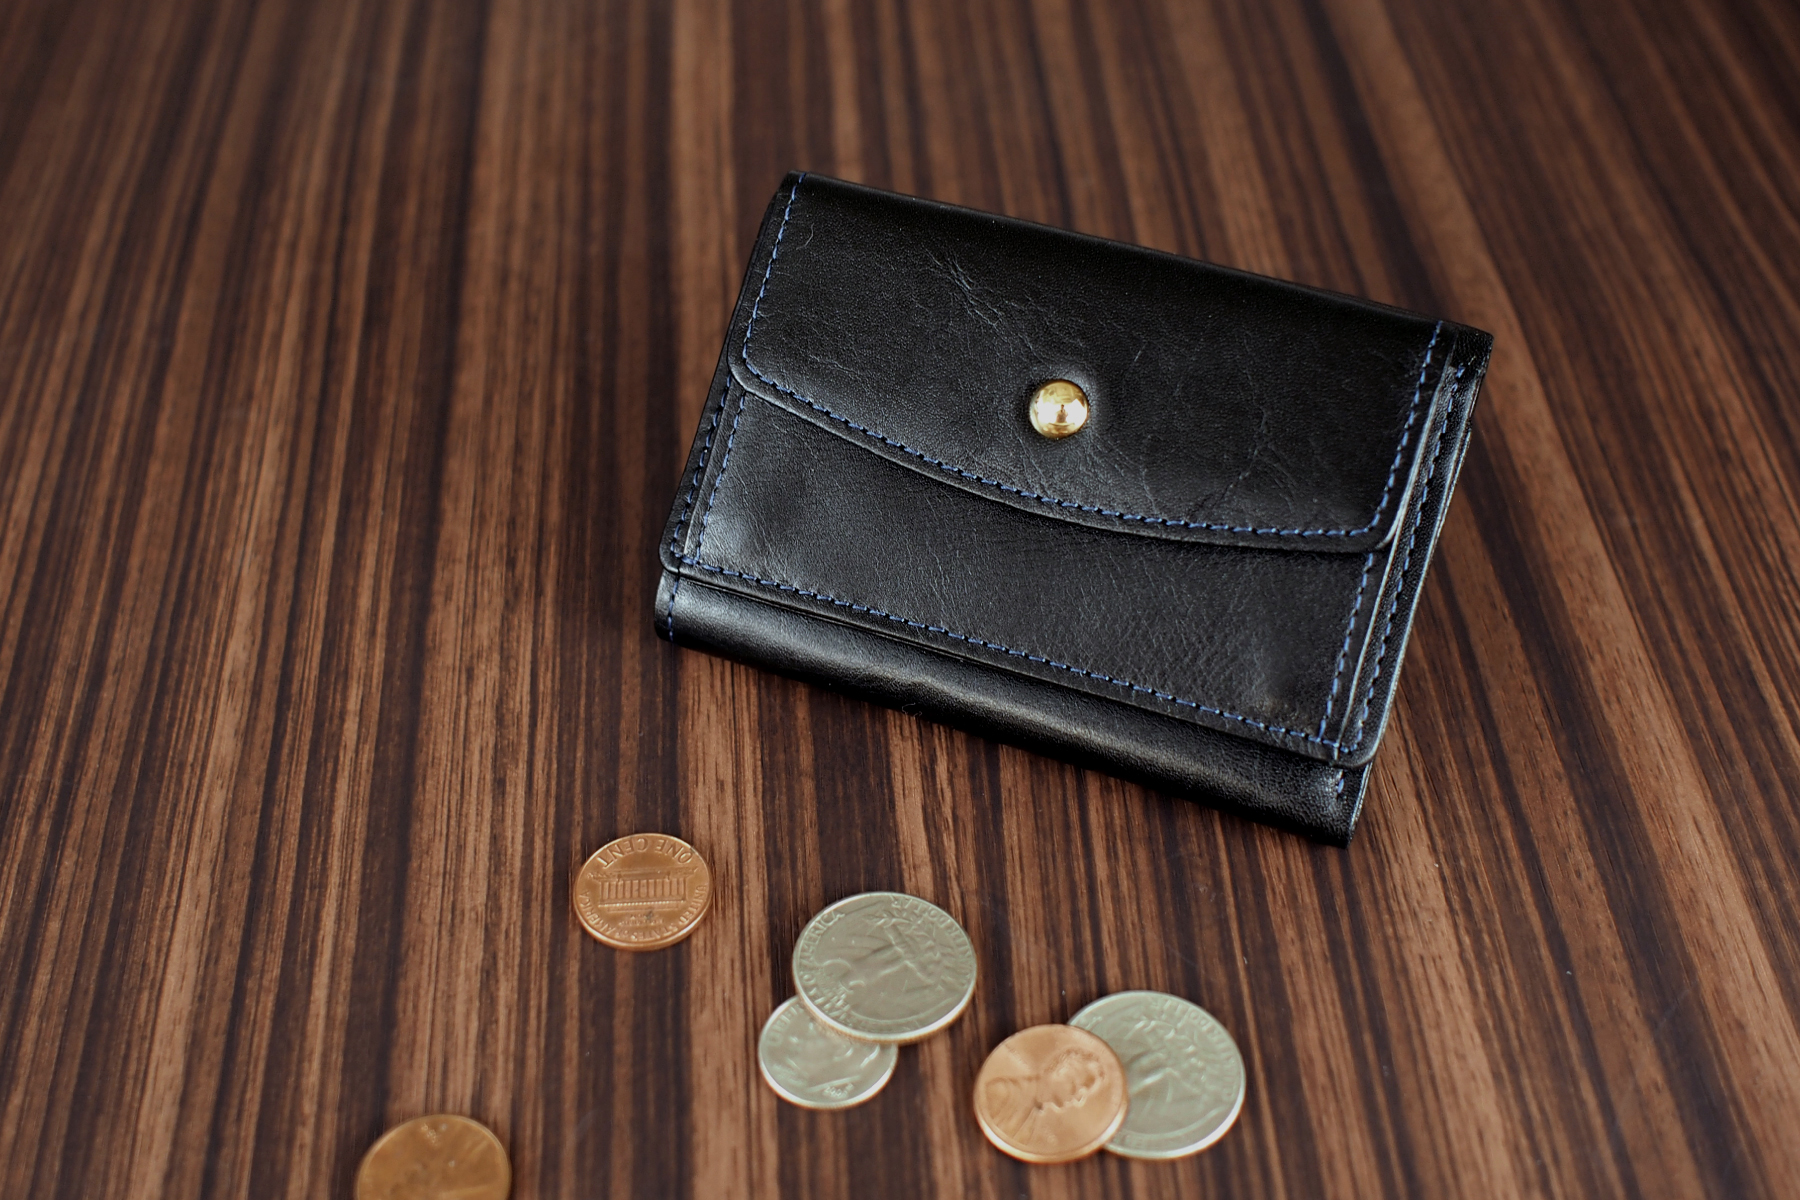 三つ折り旅財布のブラック